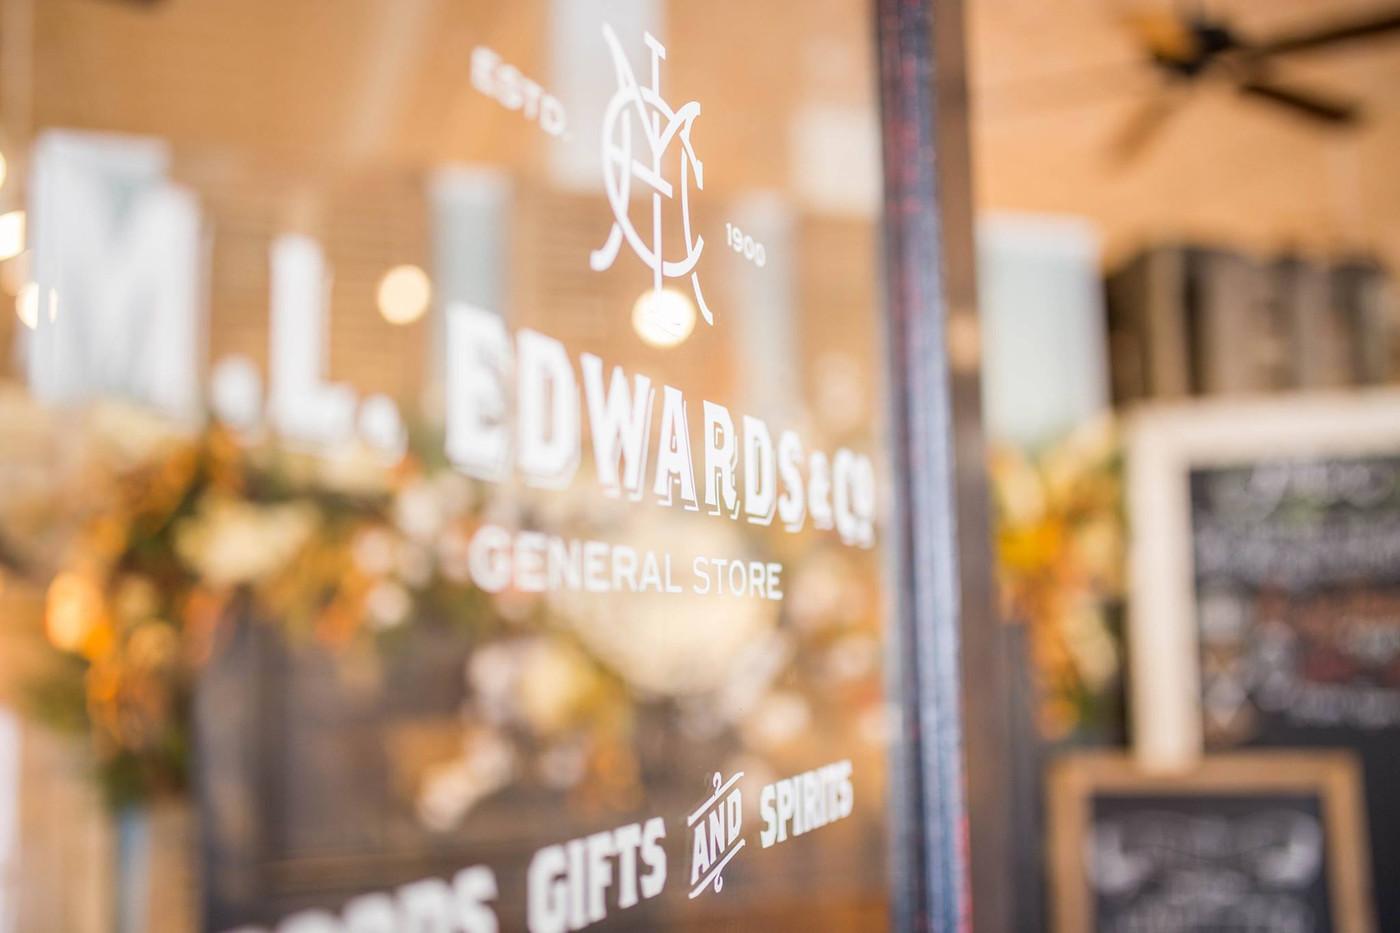 ML Edwards & Co